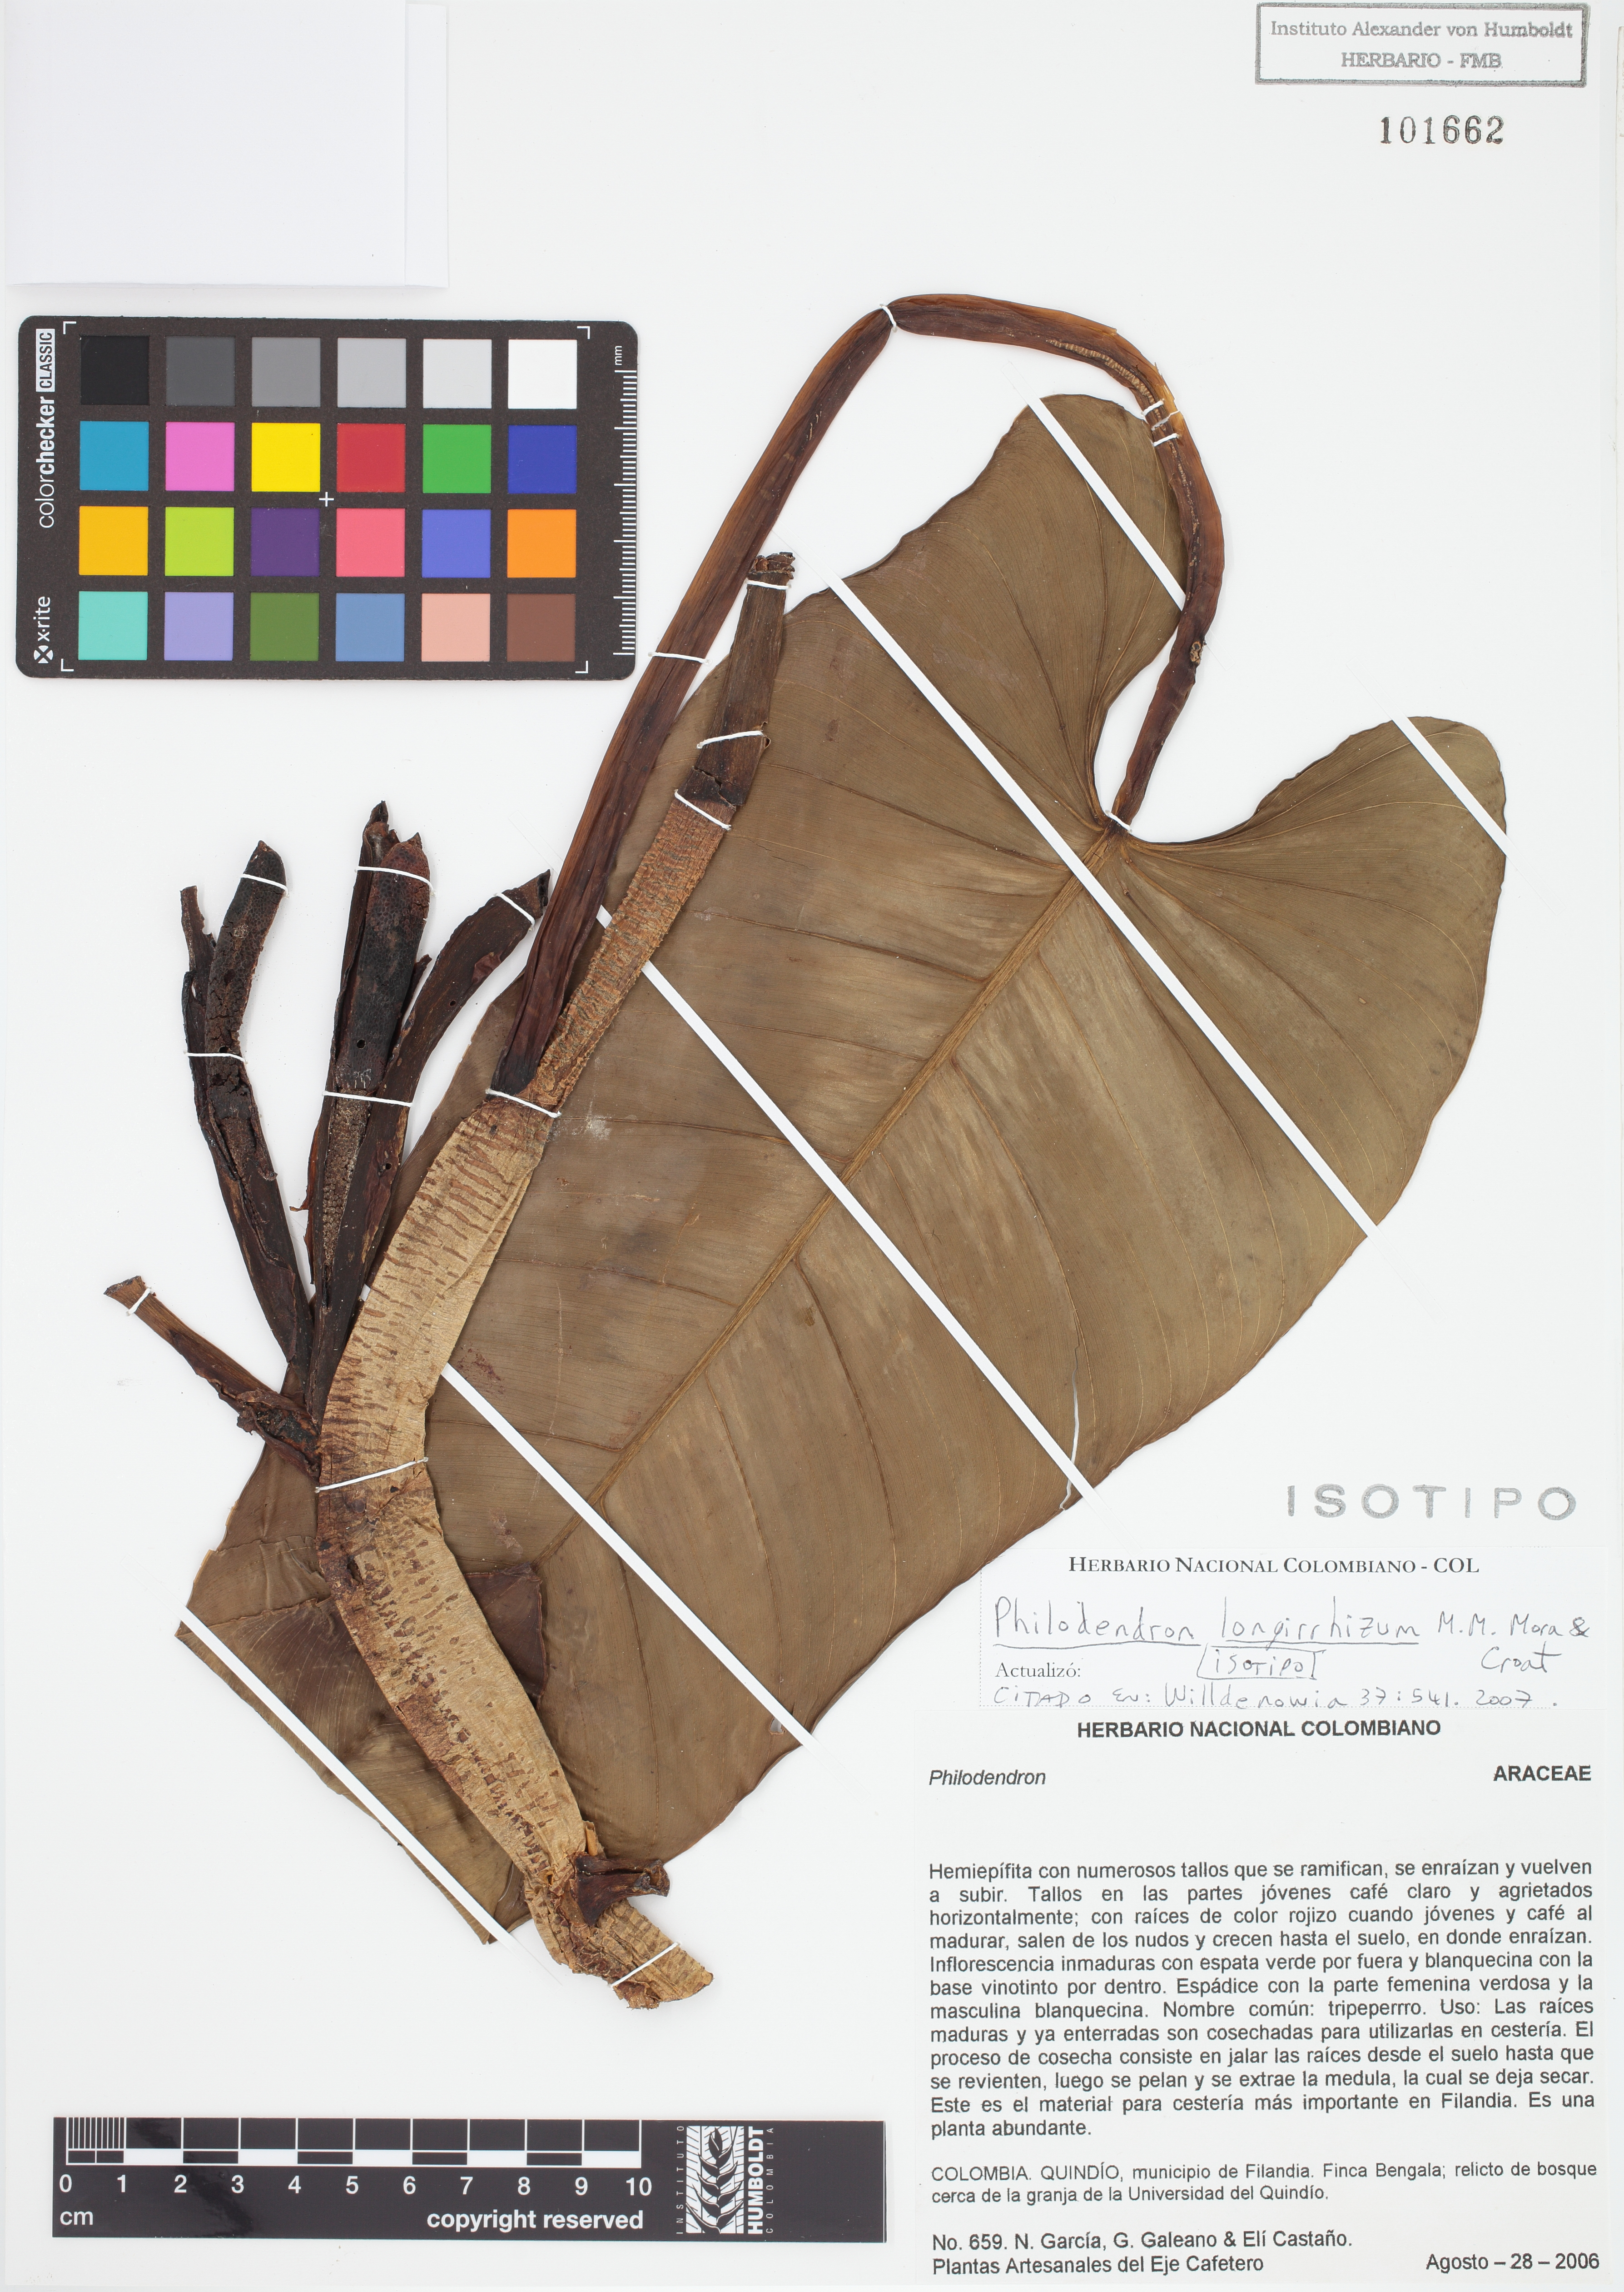 Isotipo de <em>Philodendron longirrhizum</em>, FMB-101662, Fotografía por Robles A.